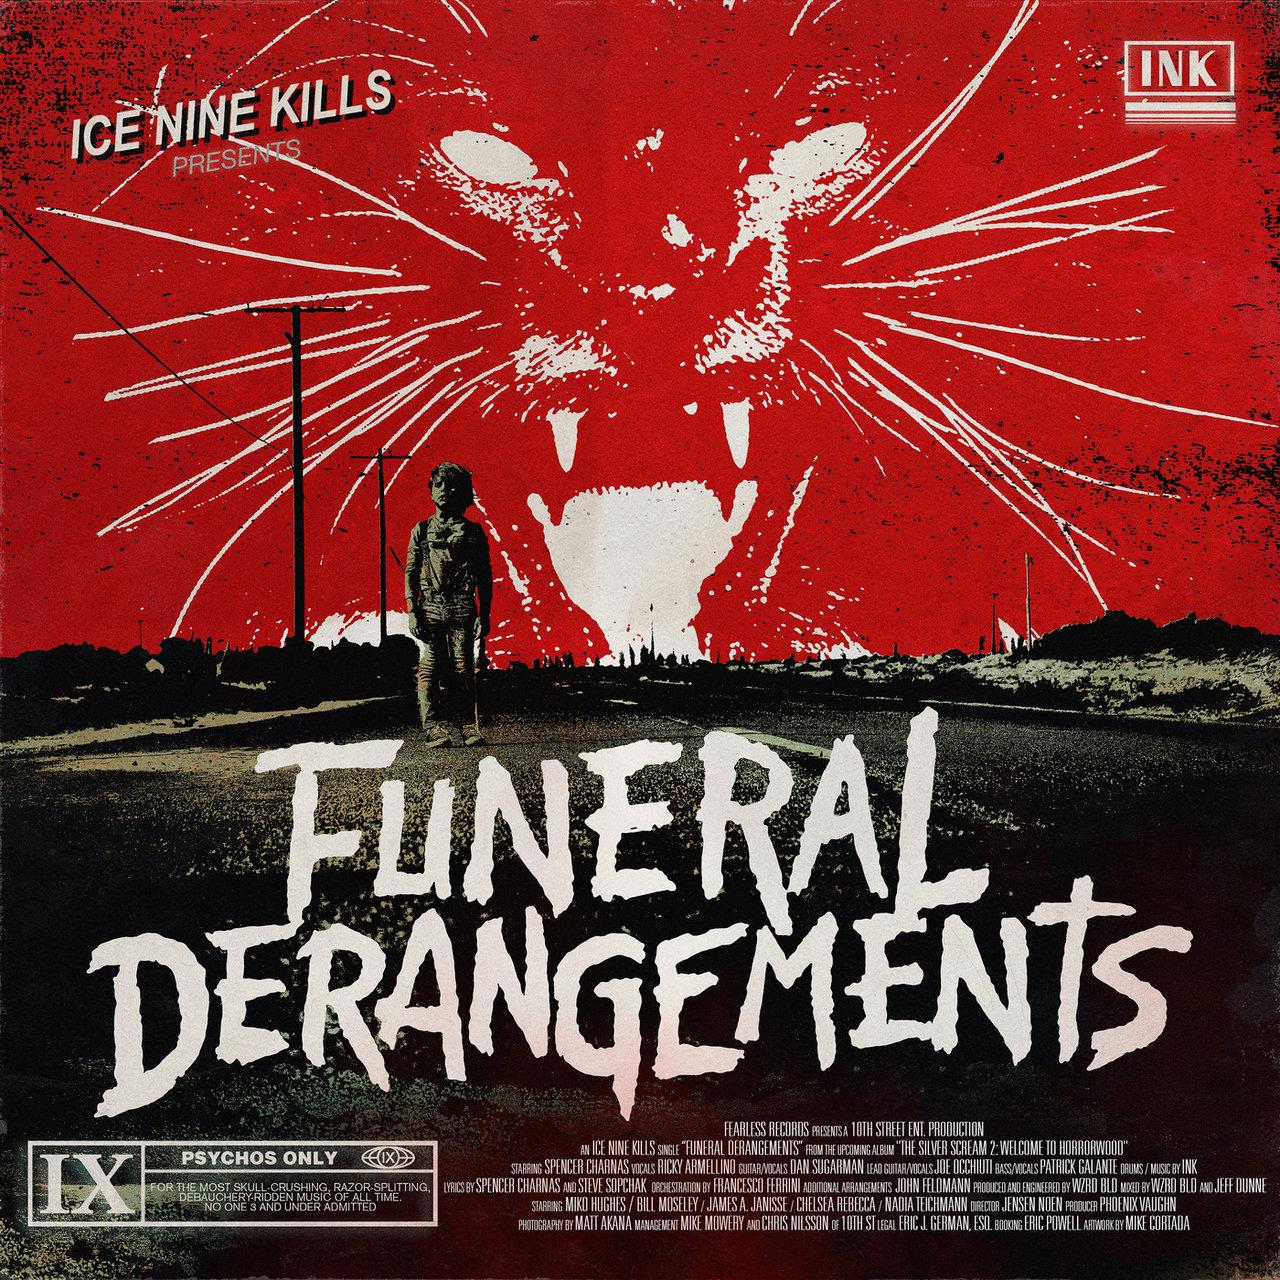 Ice Nine Kills - Funeral Derangements [single] (2021)